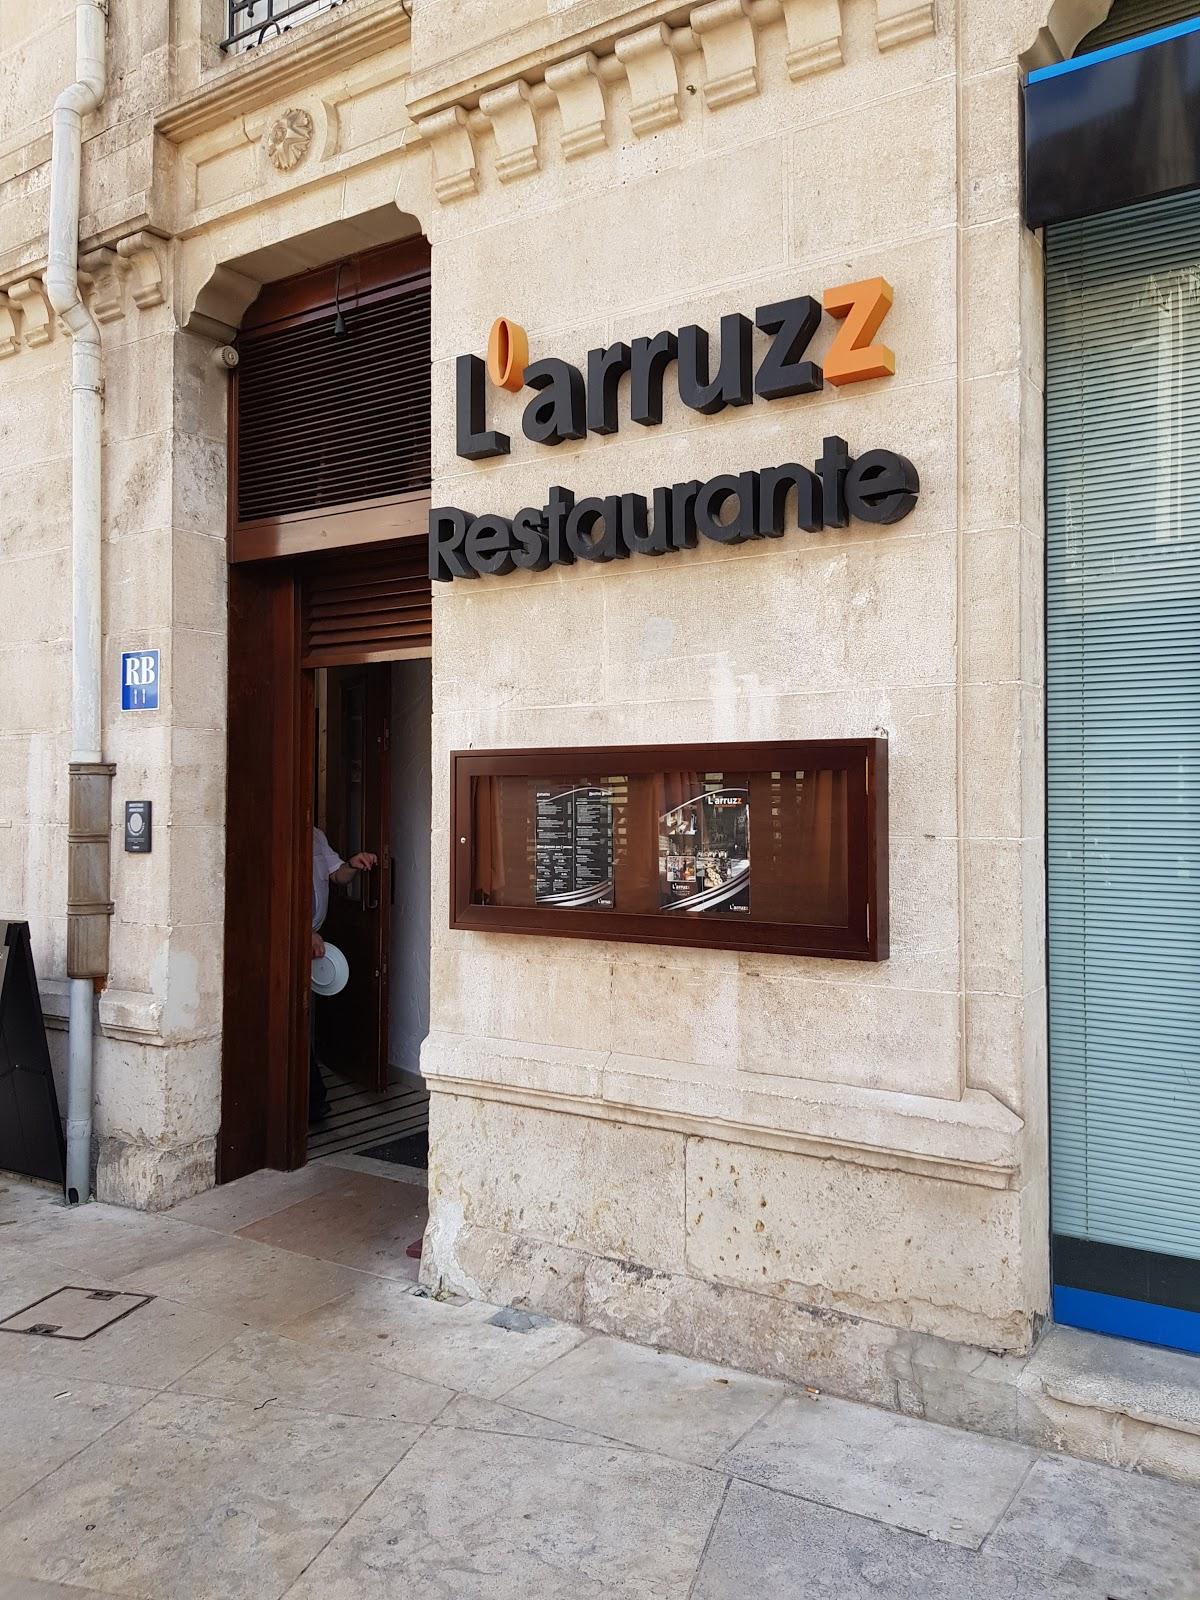 Larruzz